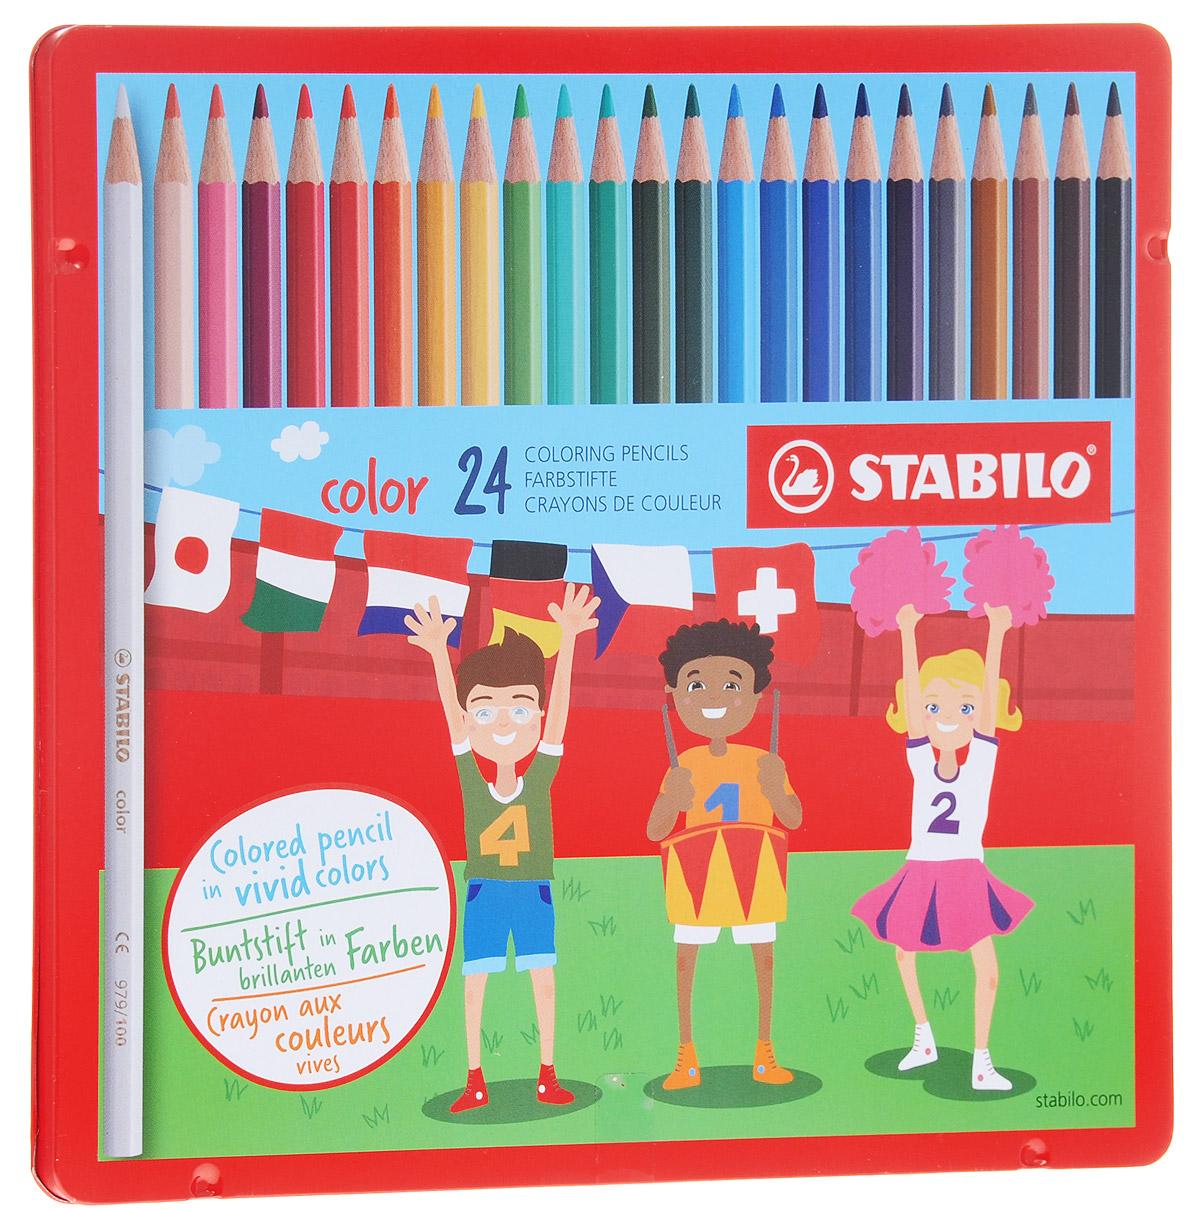 Stabilo Набор цветных карандашей Color 24 шт1824-77Серия цветных карандашей STABILO color в металлических футлярах. Широкая гамма цветов, которые отлично смешиваются и позволяют создавать огромное количество оттенков. Насыщенные цвета имеют высокую светостойкость. Мягкий грифель легко рисует на бумаге, не царапая ее и не крошась. Карандаши не ломаются при рисовании и затачивании.